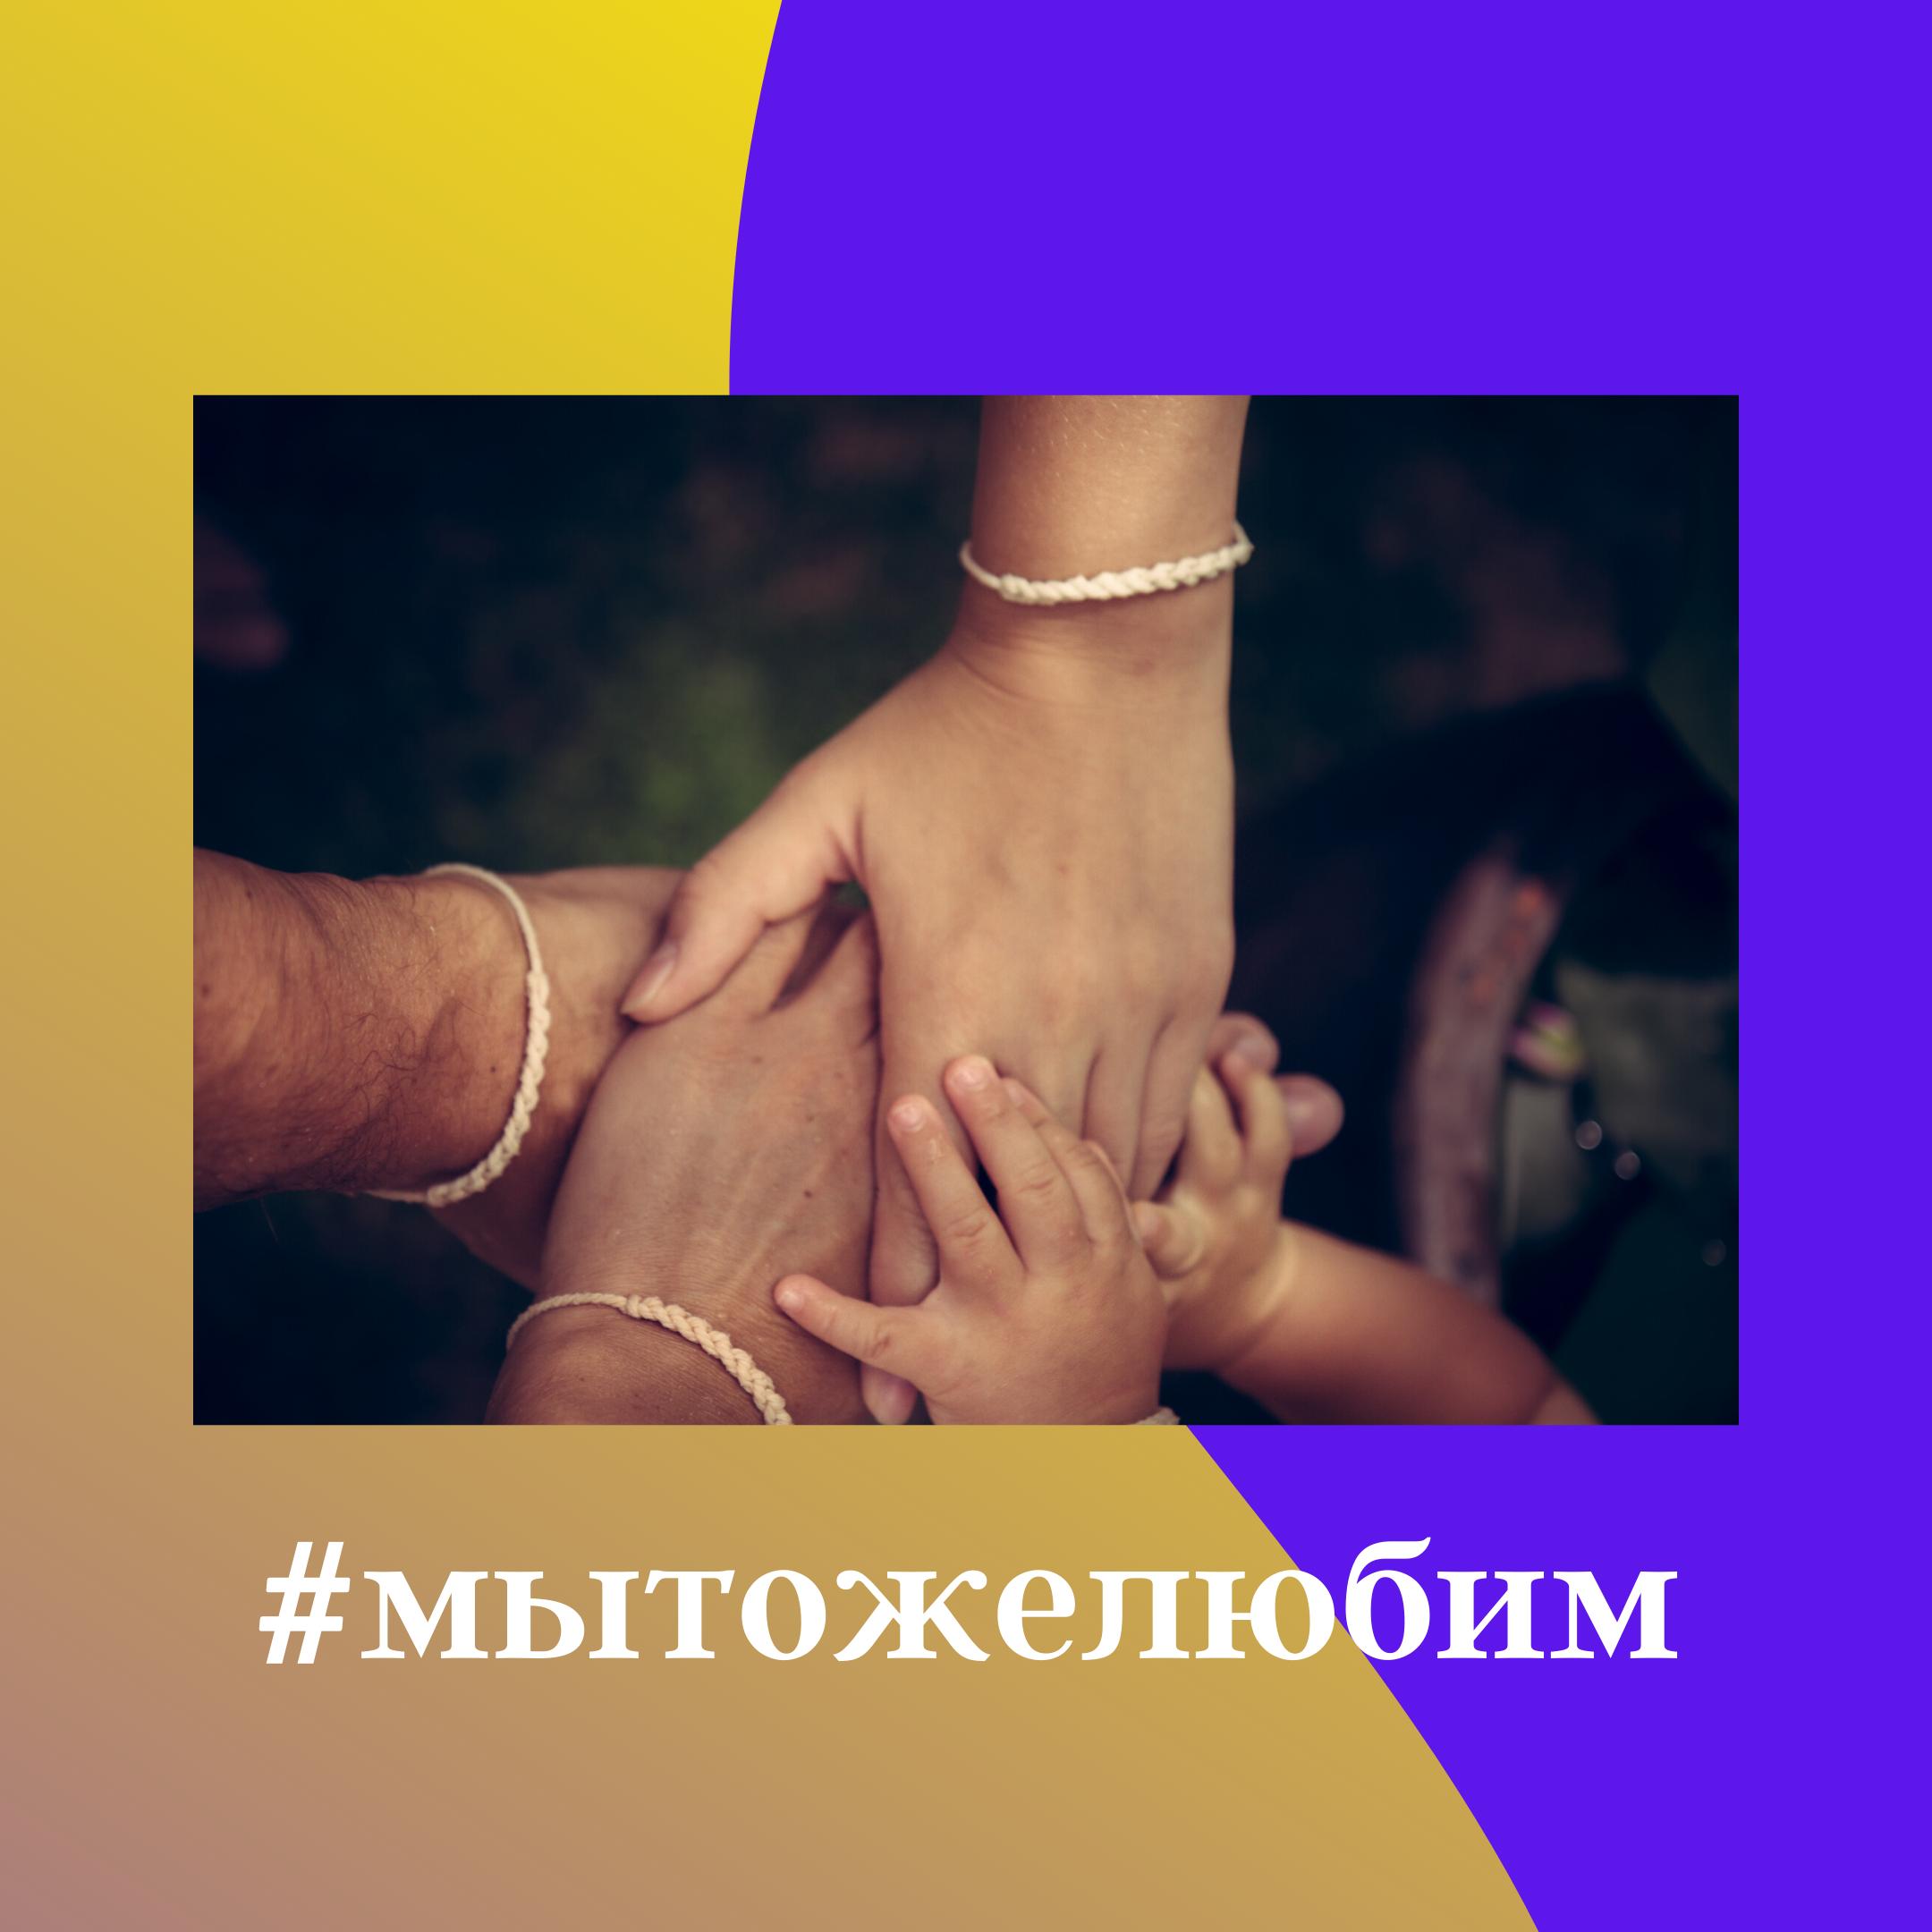 Российские интерсекс-инициативы выпустили совместное заявление с осуждением законопроектов об изменениях в семейном и гражданском законодательстве